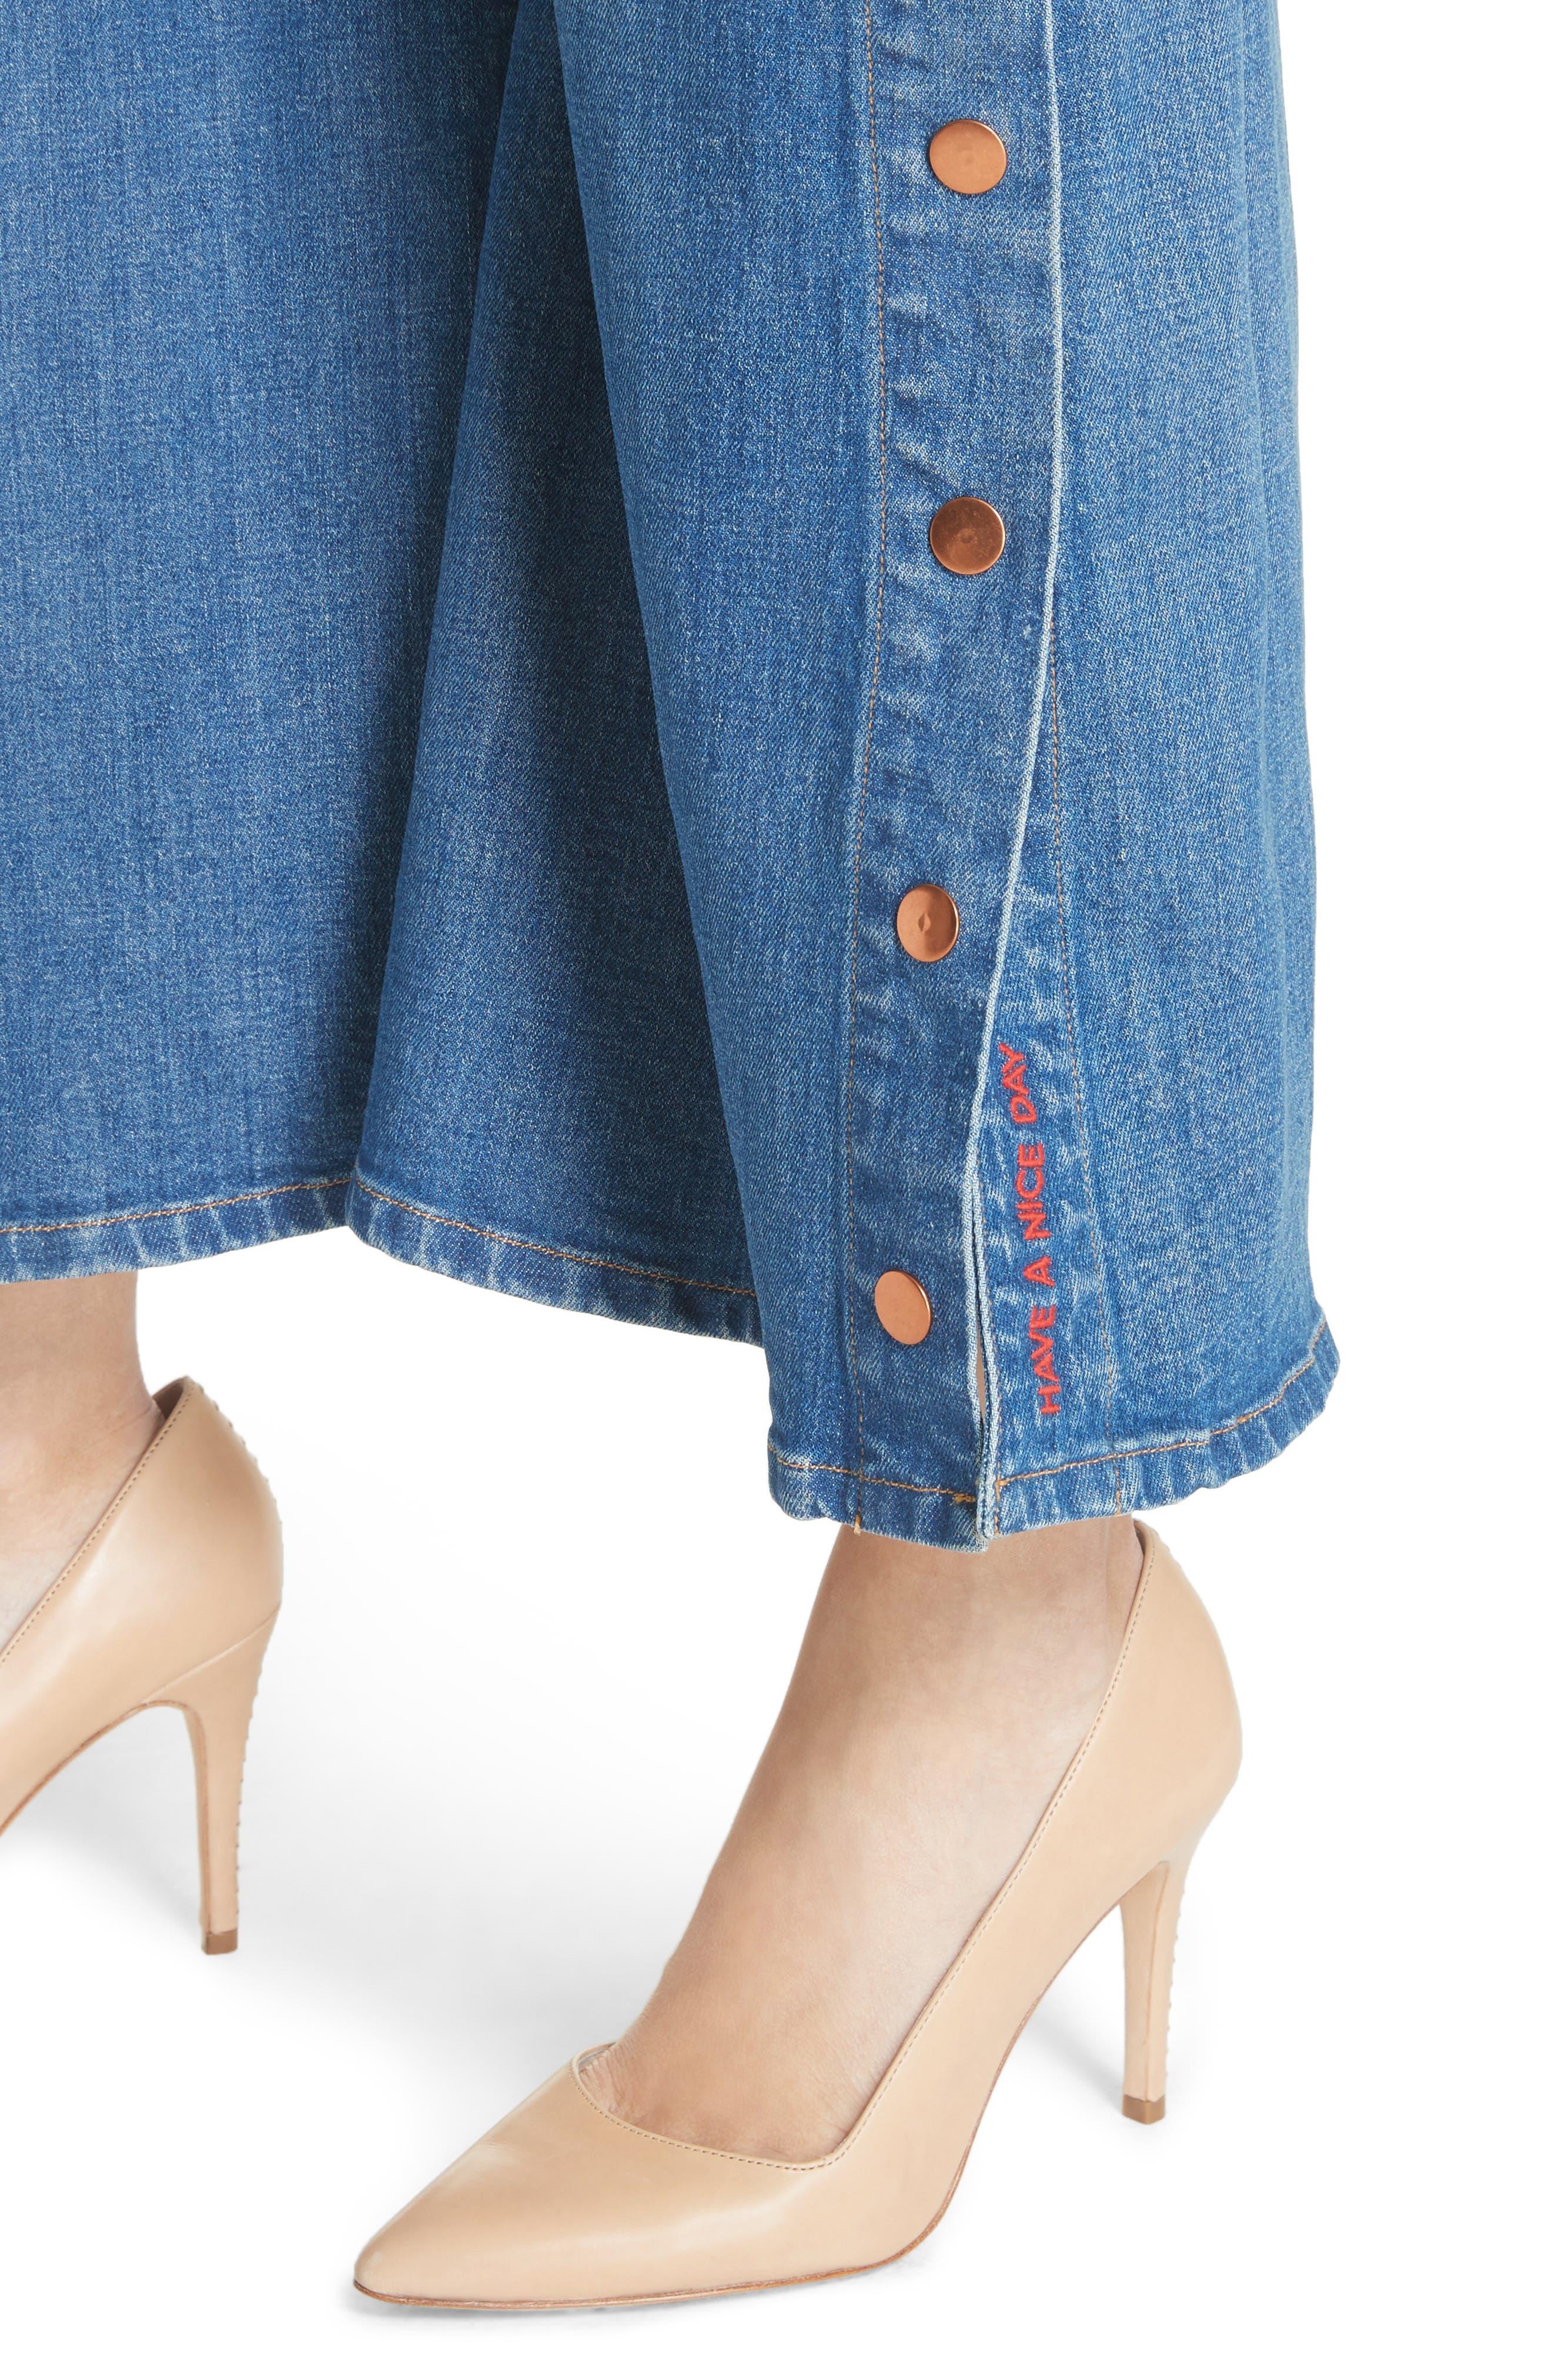 AO.LA Gorgeous Snap Side Crop Flare Jeans,                             Alternate thumbnail 4, color,                             460